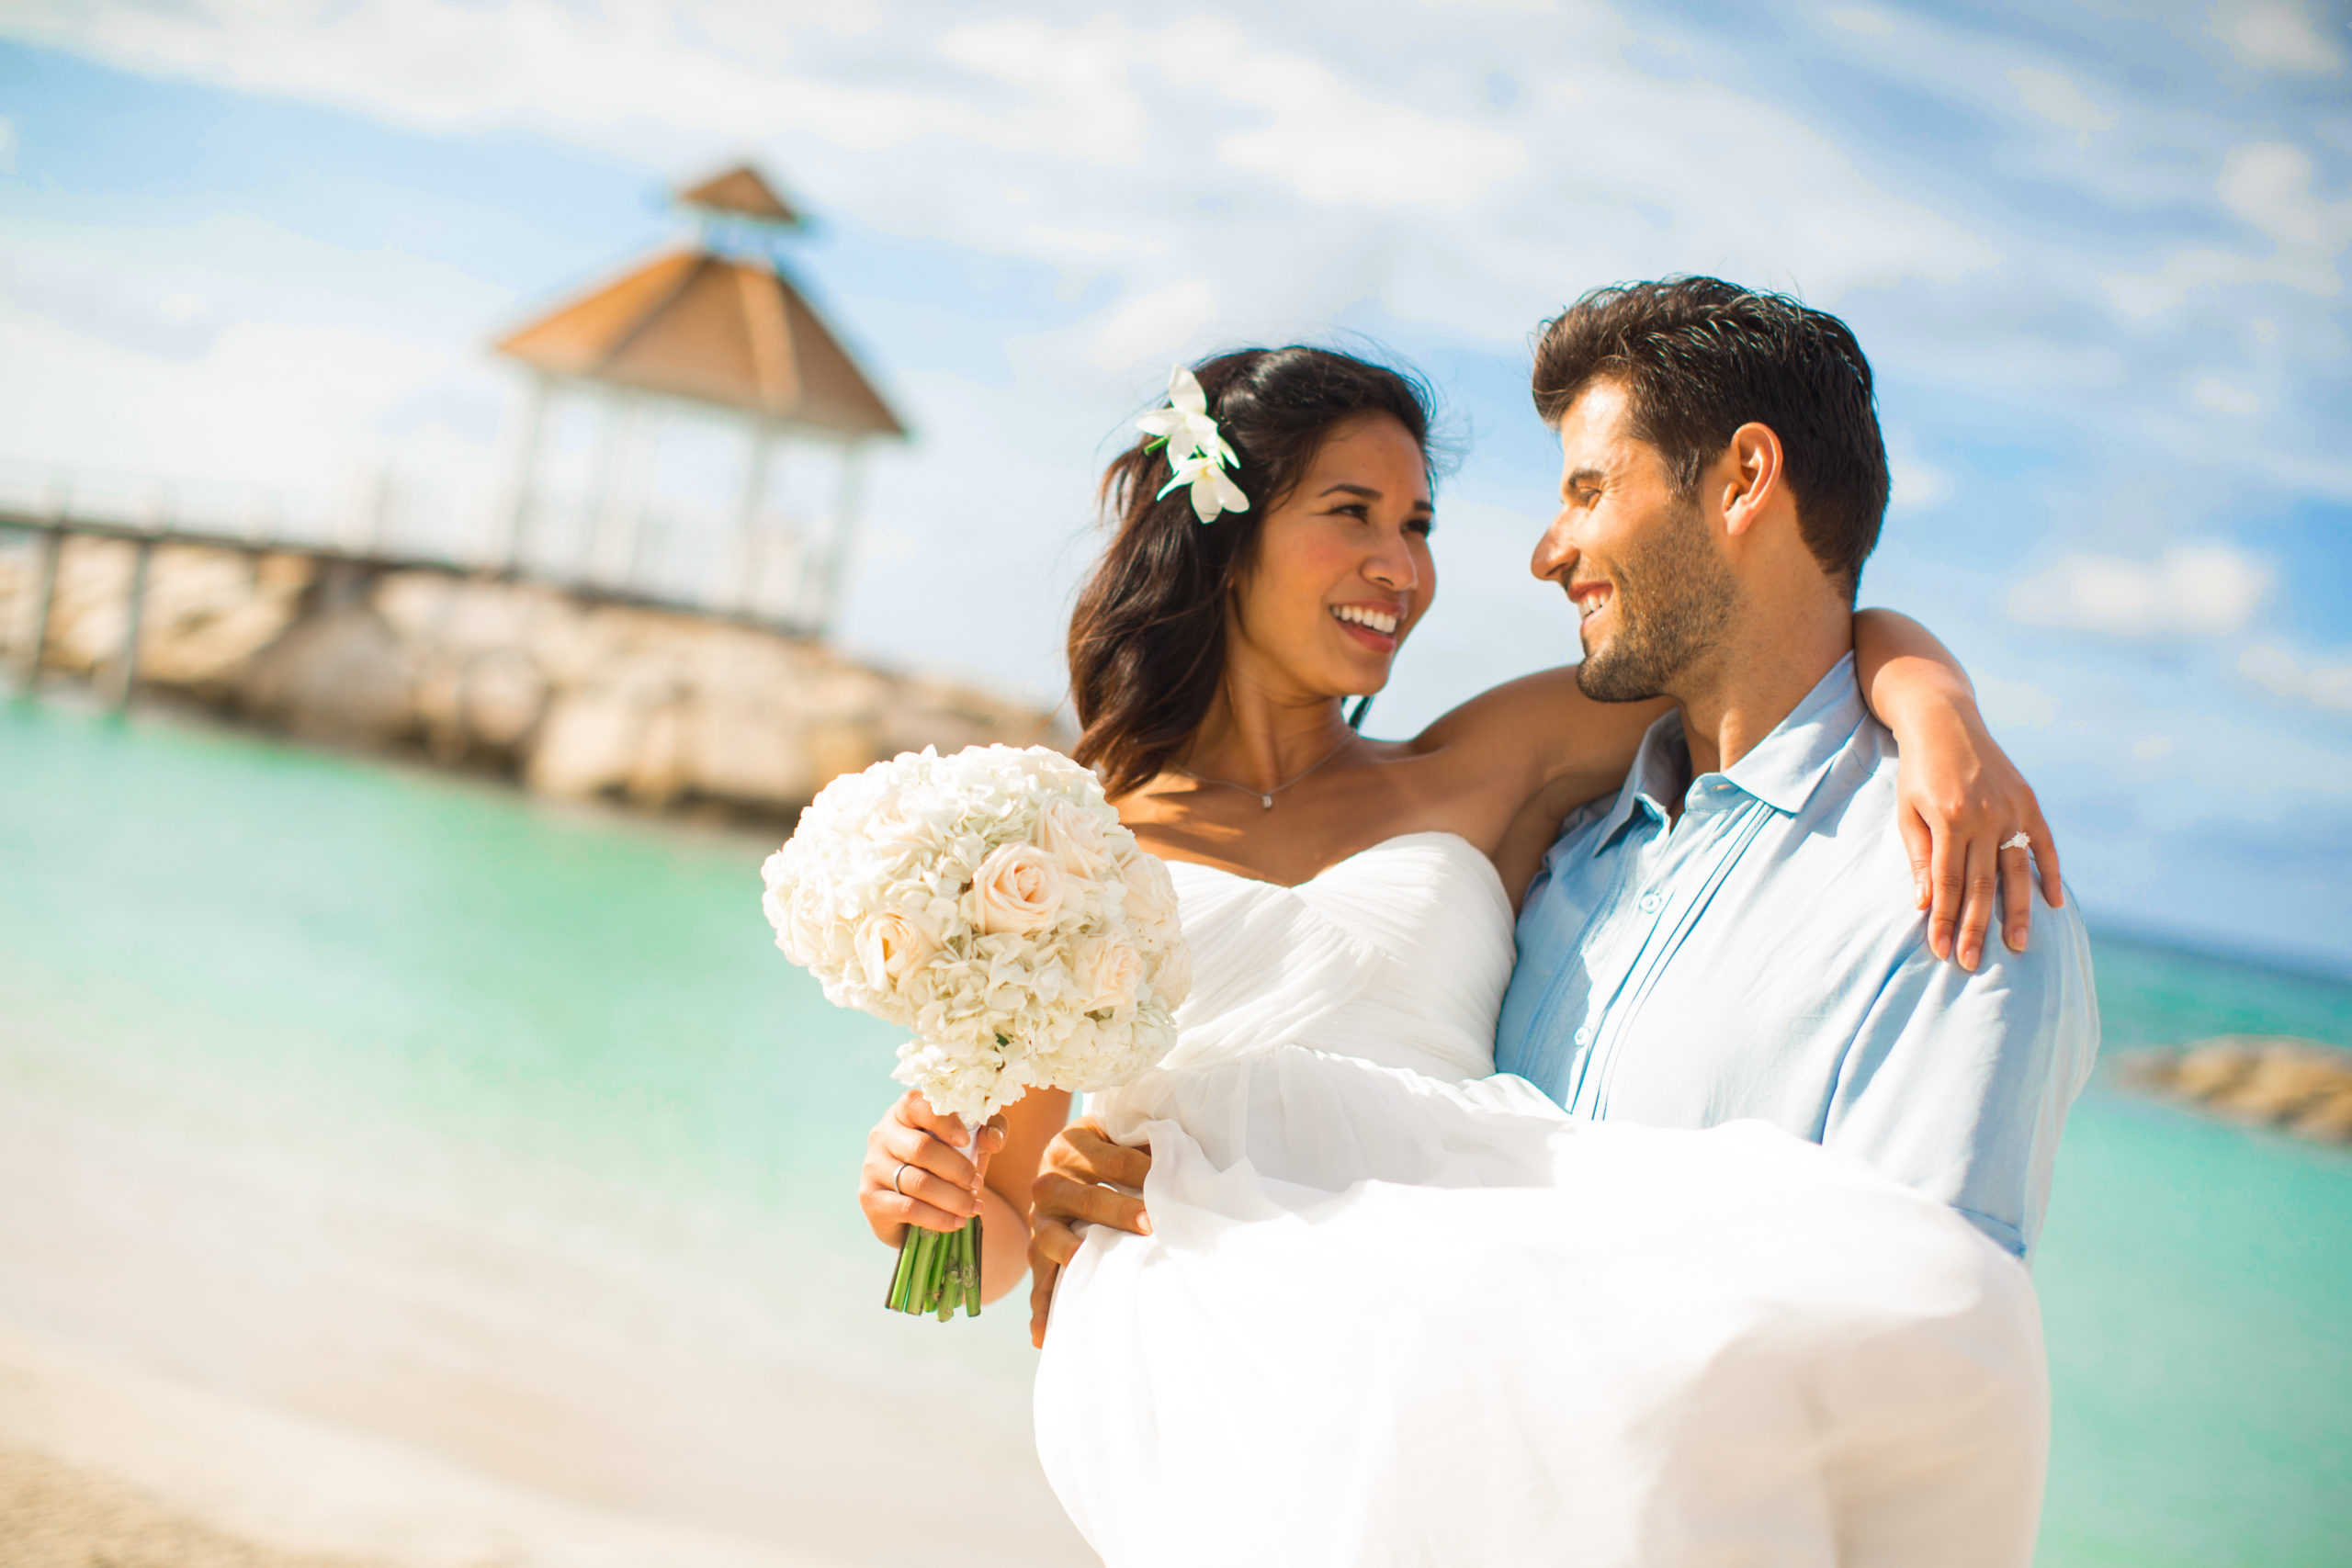 Hyatt Ziva & Hyatt Zilara Rose Hall Jamaica Destination Wedding Packages